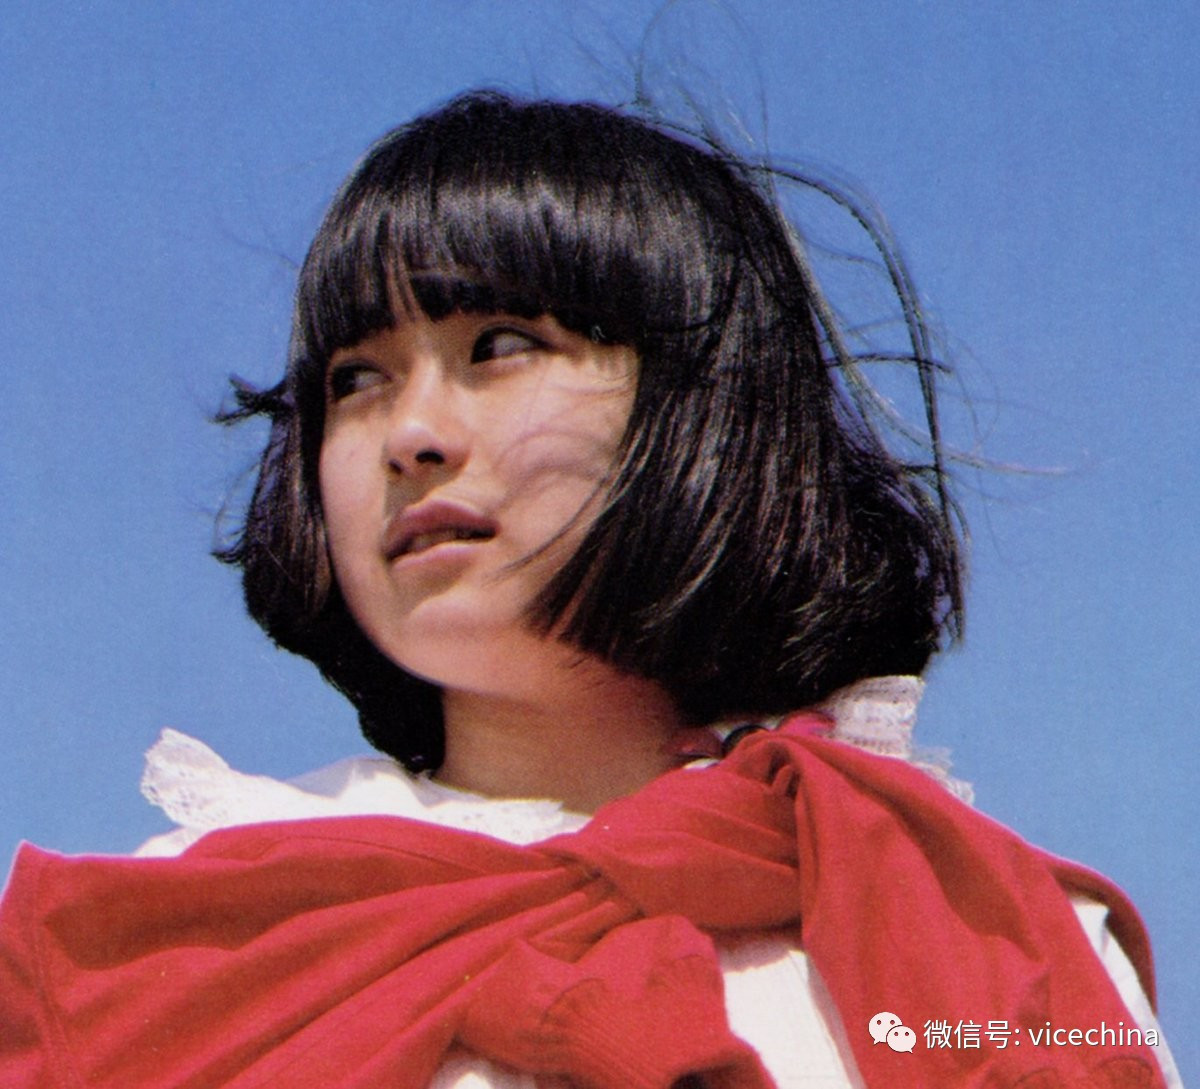 静岡純子 女子小学生 ヌード はてなブックマーク